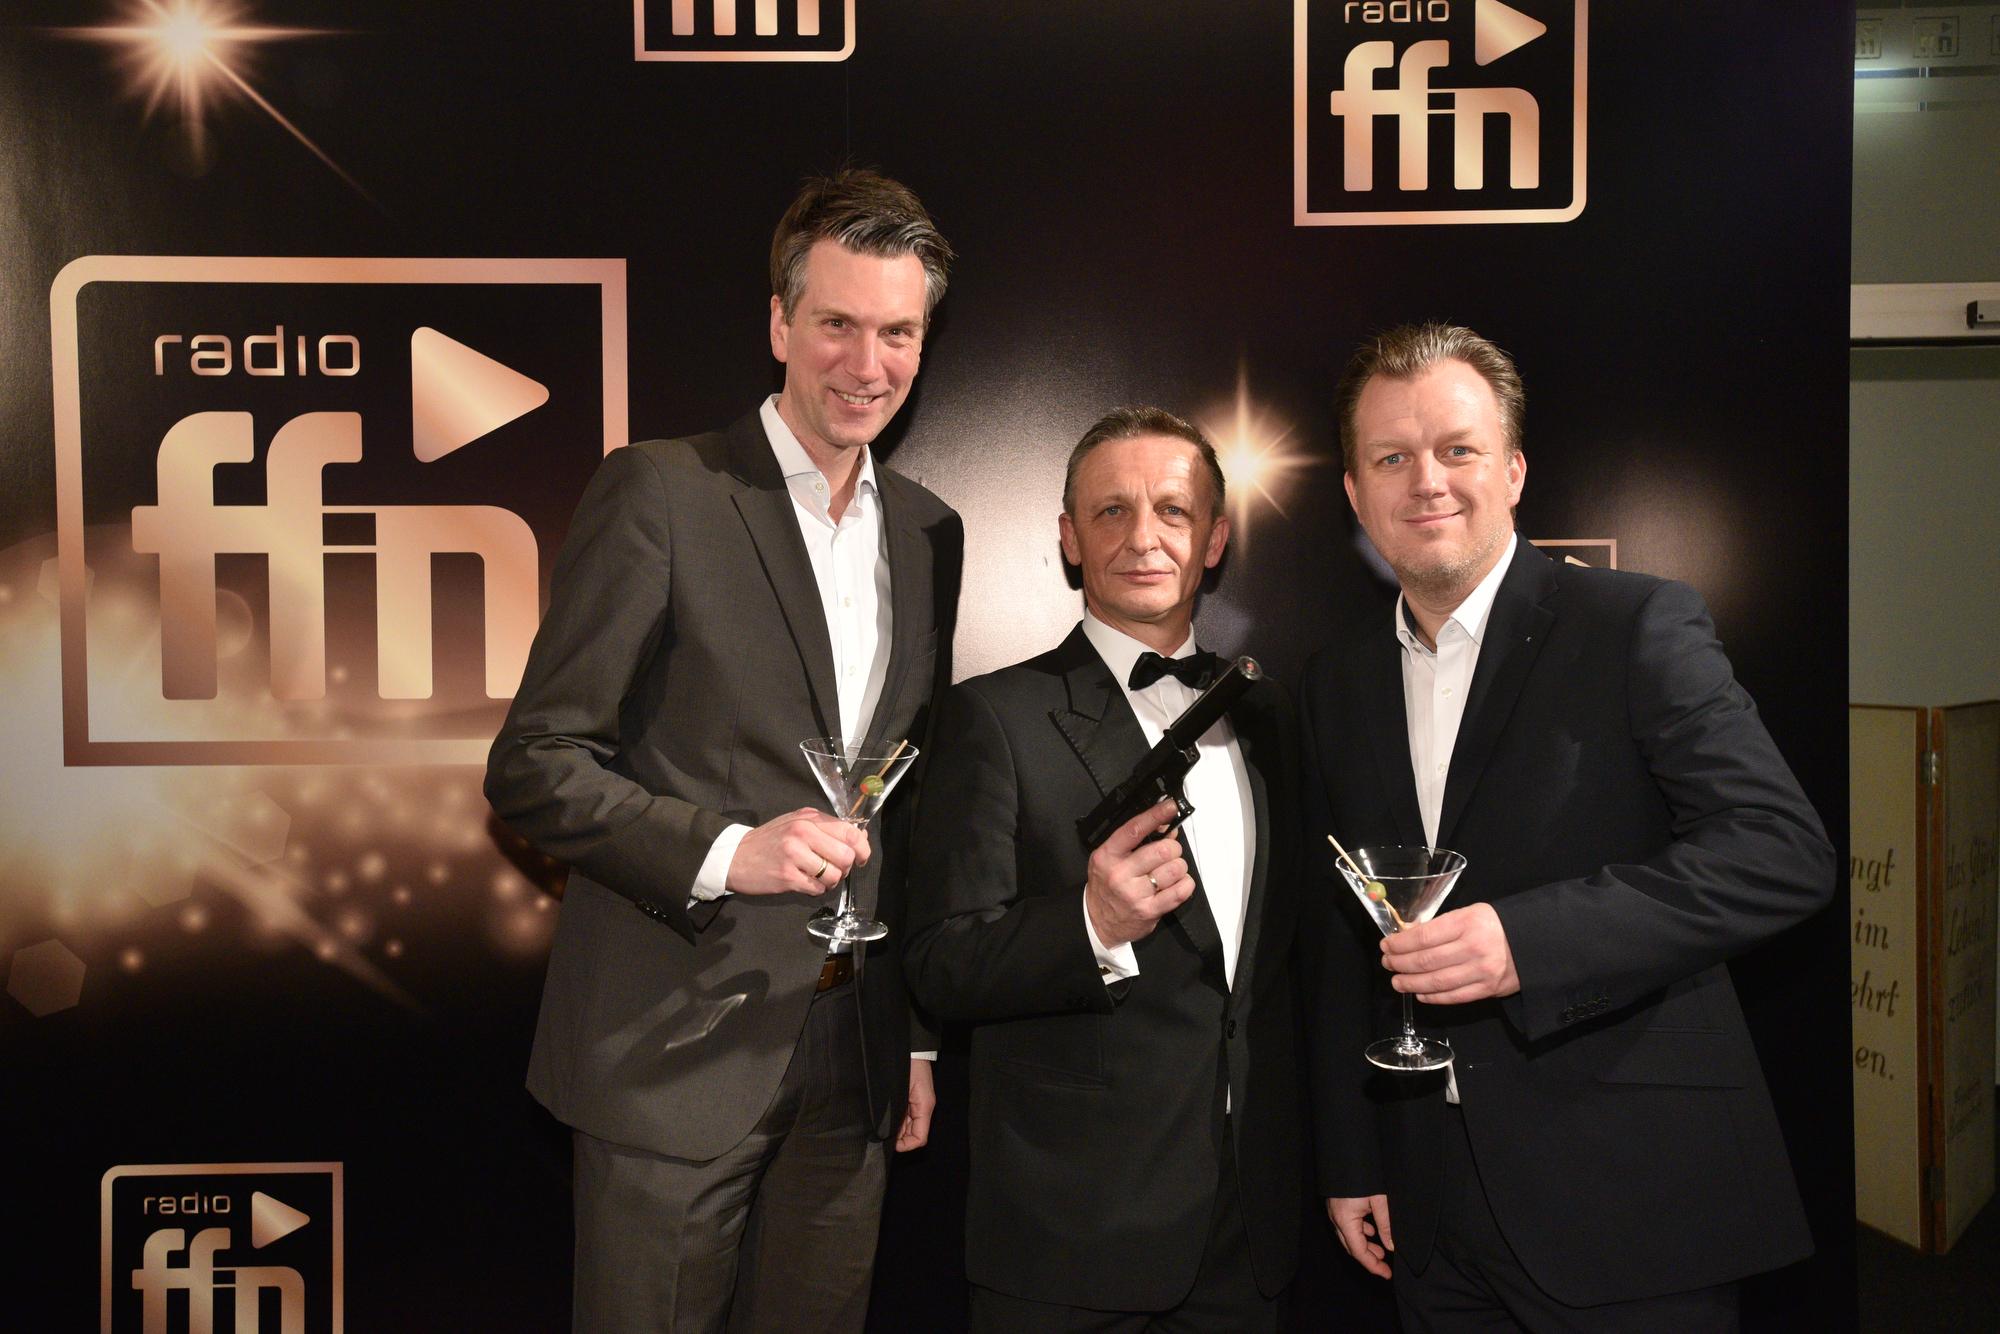 Tobias Lammert; WDR Geschäftsbereichsleitung Marketing & Vertrieb; James Bond; Christian Schröder, WDR Verkaufsleiter (Bild: ©ARP/SCHEFFE)